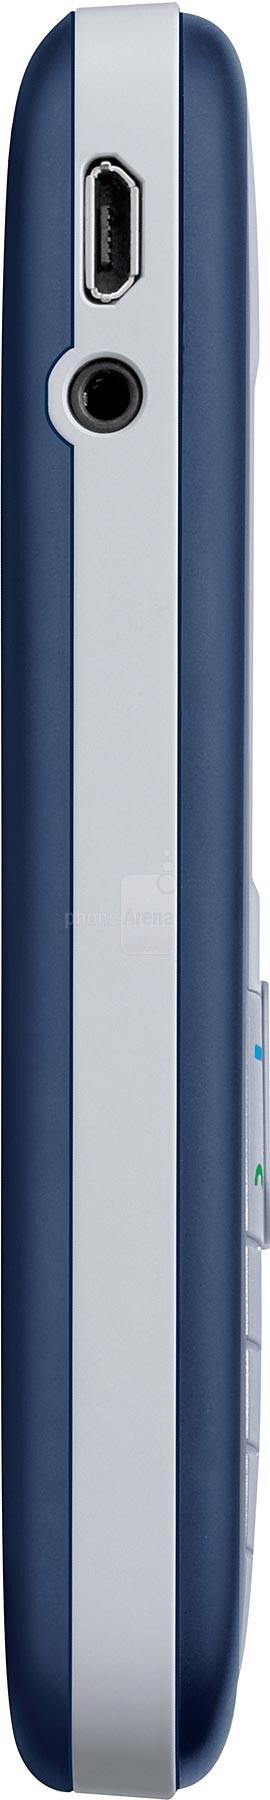 Nokia 1508